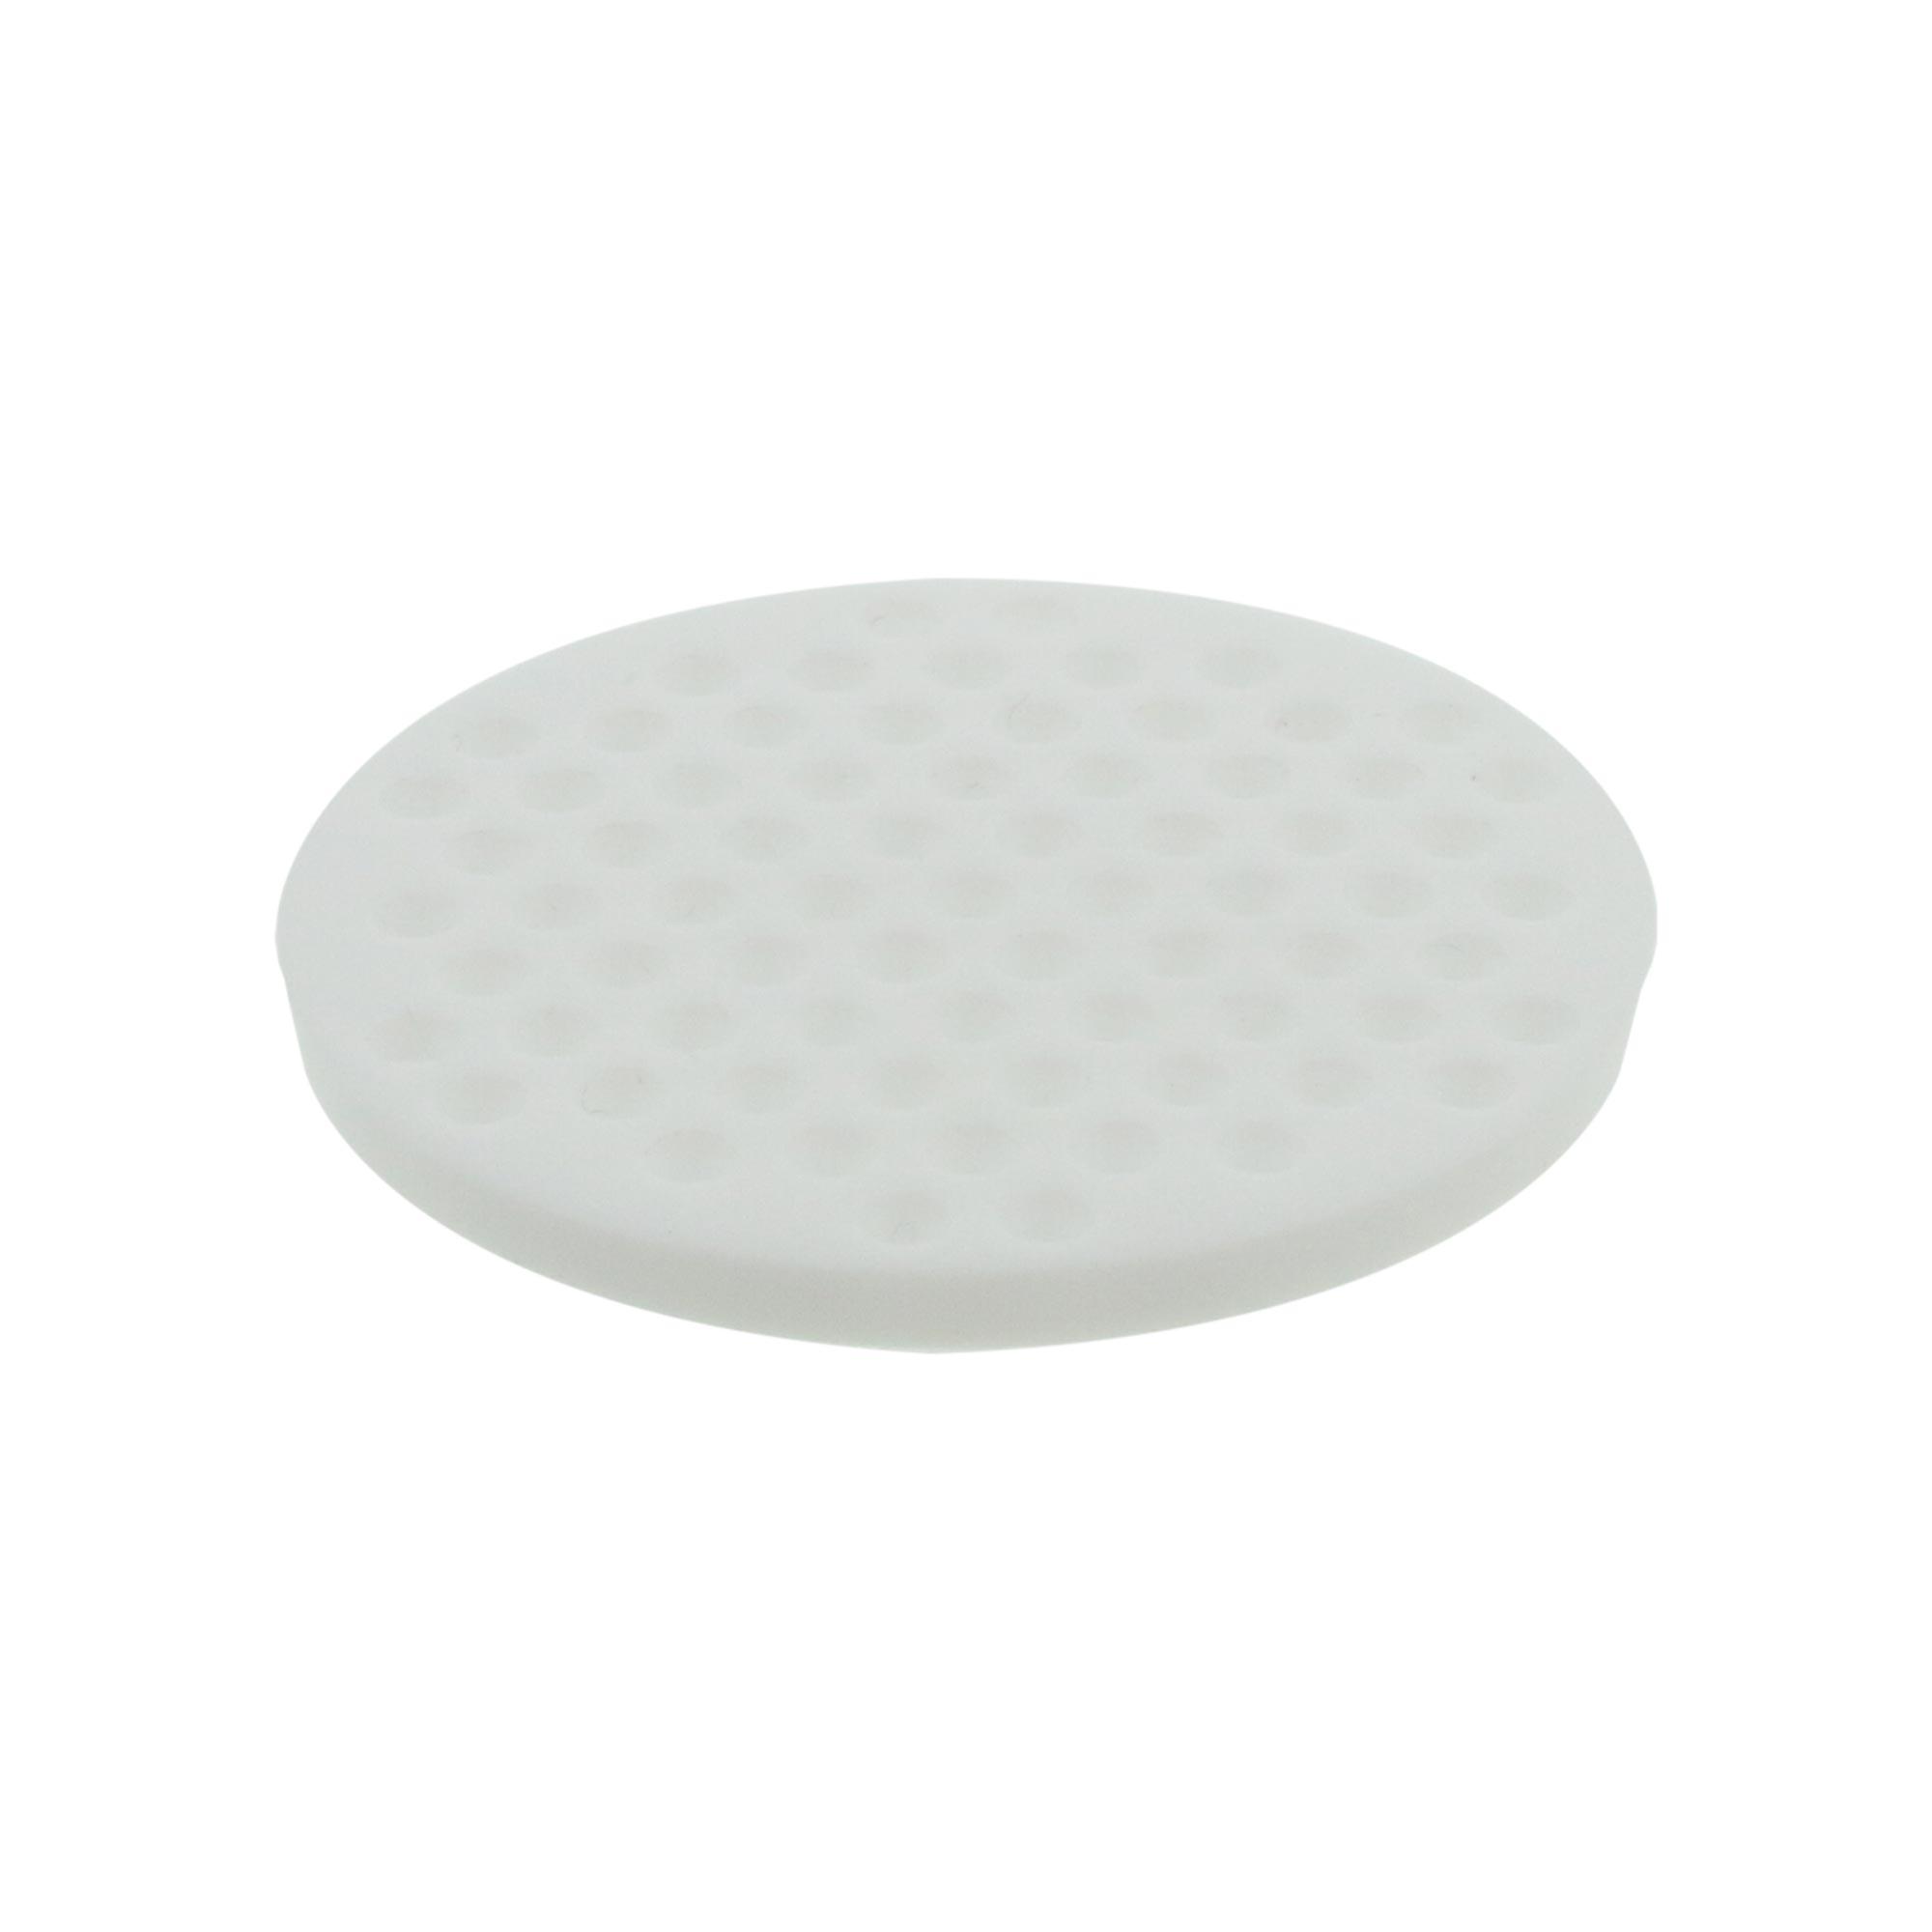 ブフナーロート 分離形用 PTFE目皿板のみ φ45mm